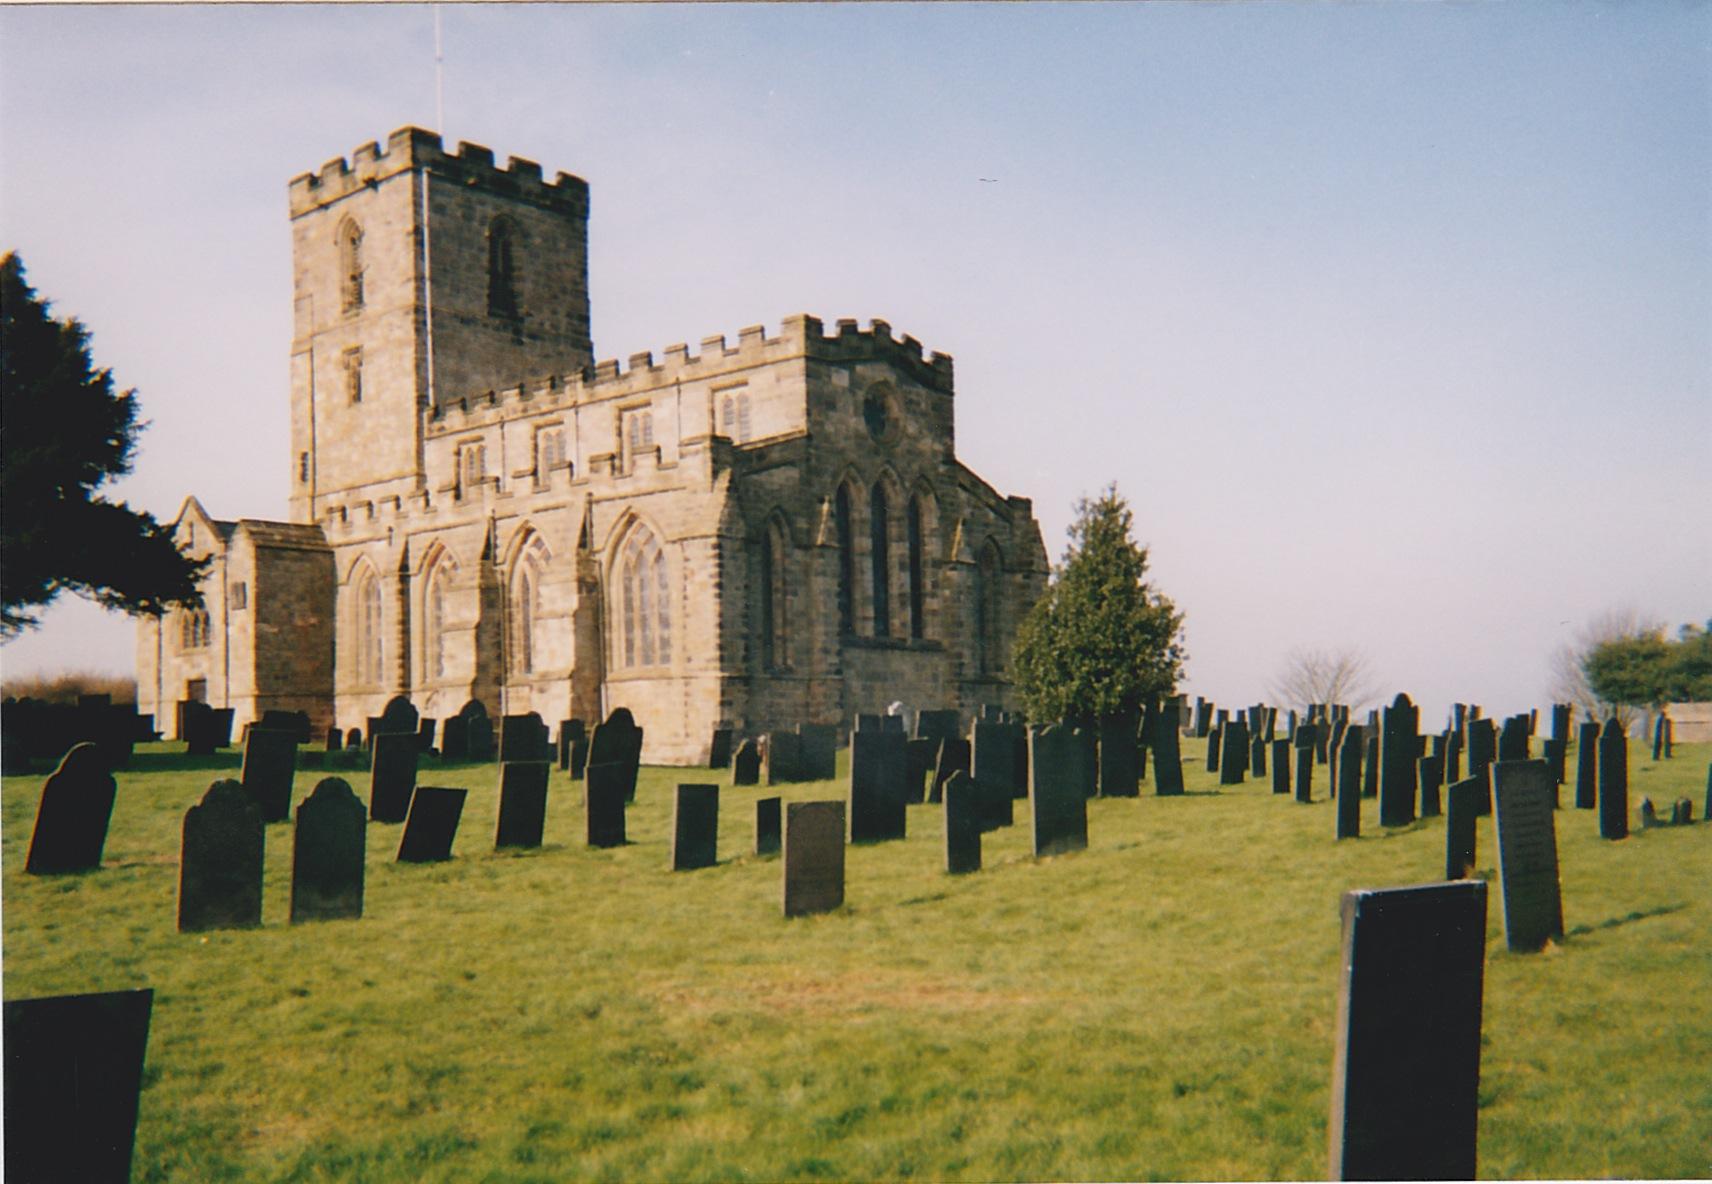 Breedon, St. Mary & St. Hardulph